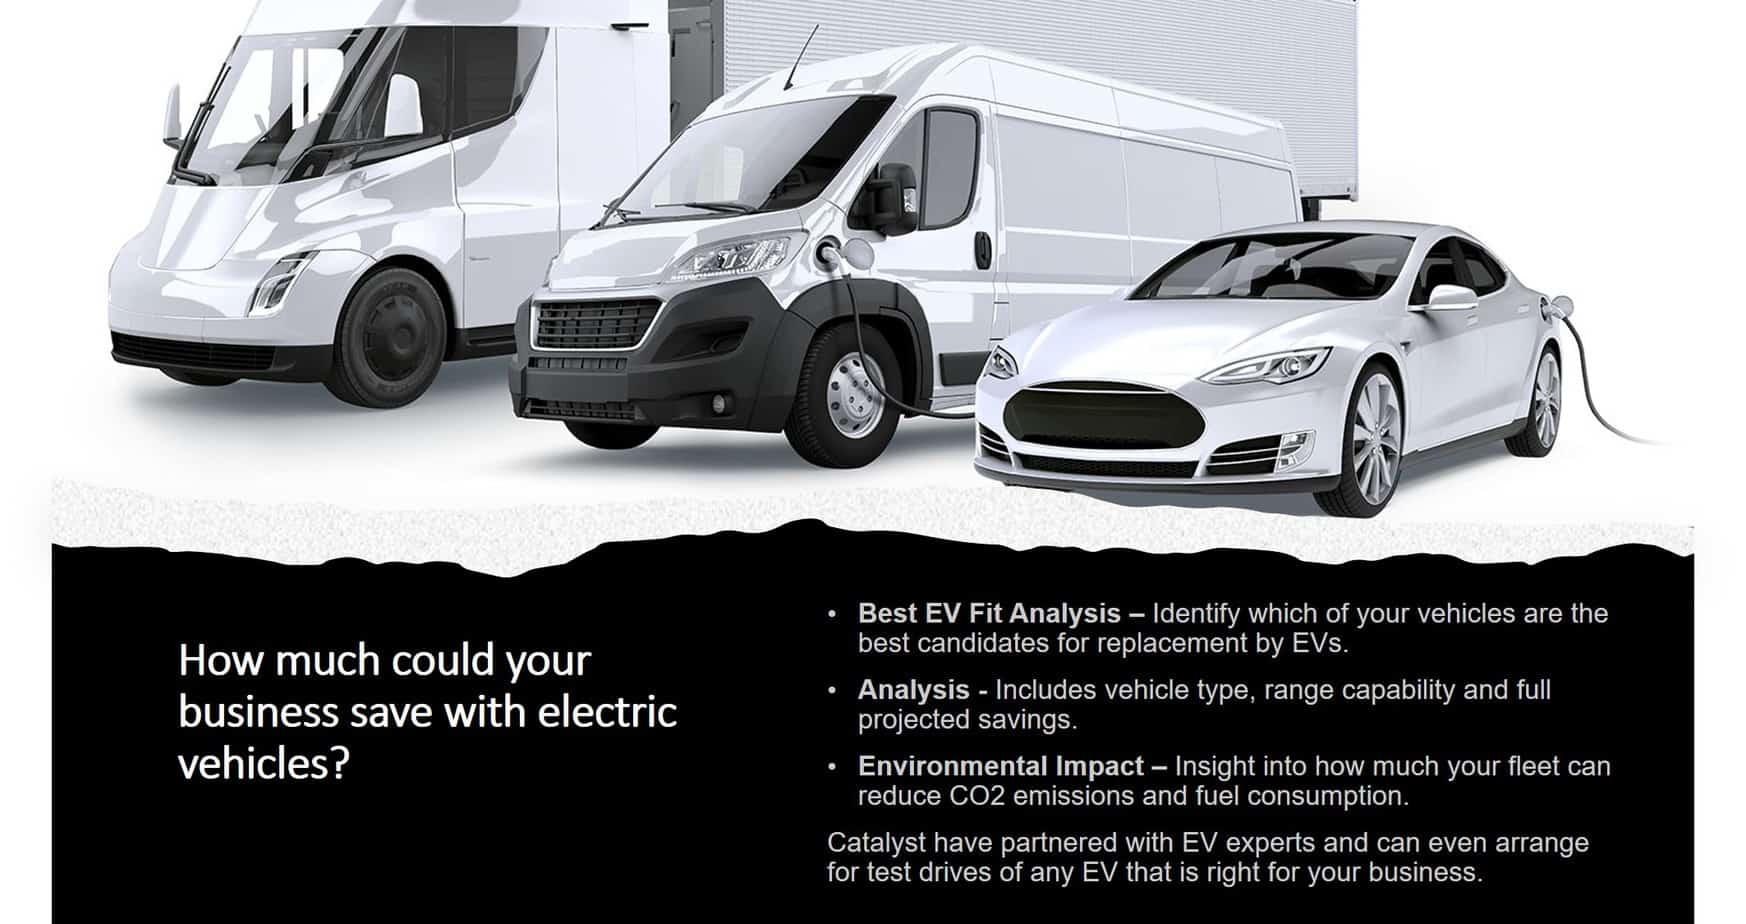 Commercial EV Vans